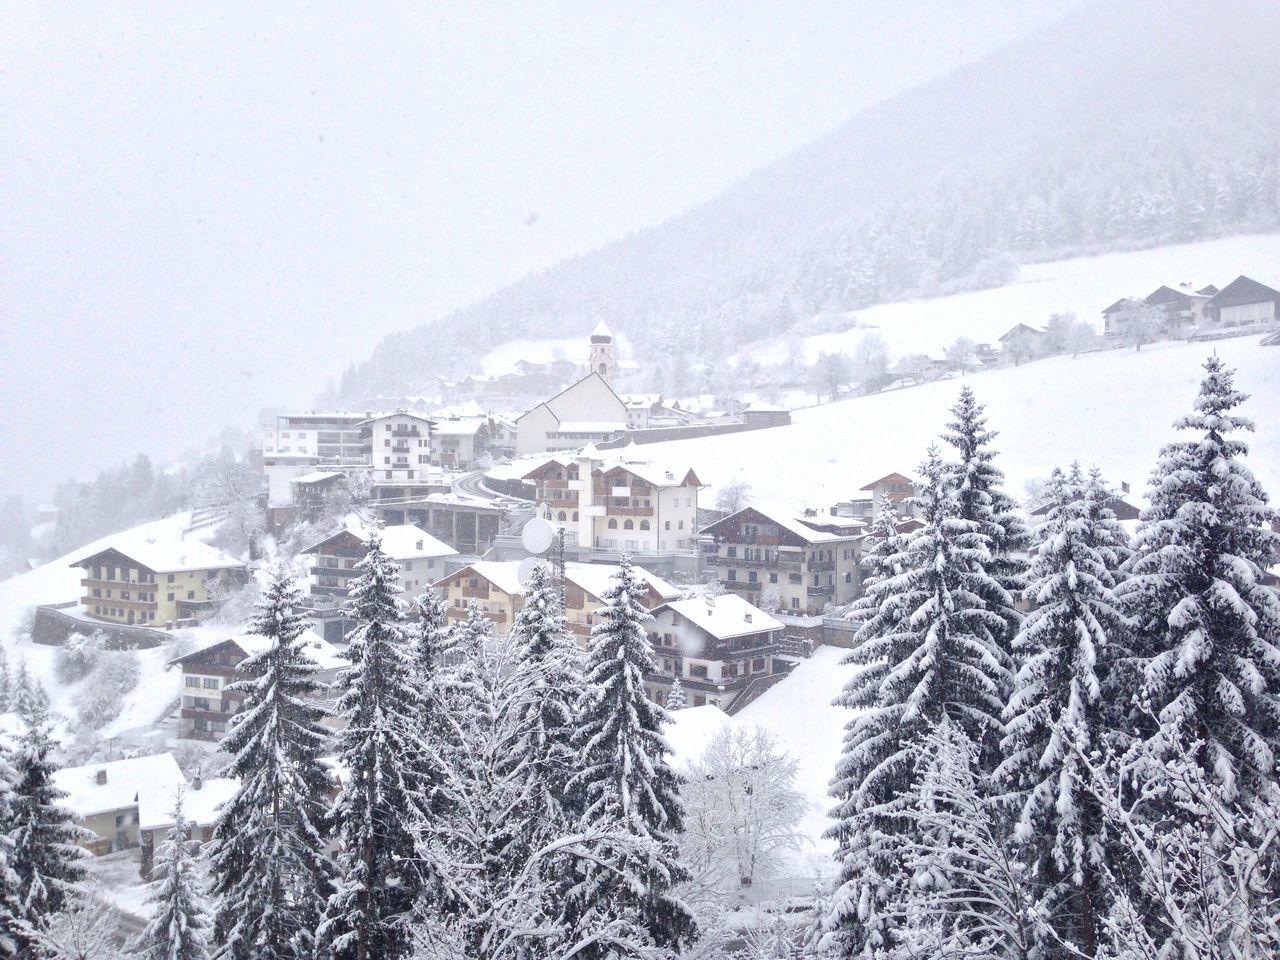 Snowing Wintertime Winter Town Weather Welschnofen Snow White Südtirol Trentino Alto Adige Alto Adige Italy Landscape Nova Levante South Tyrol Cold Temperature Bolzano Bolzano - Bozen Architecture Frozen Nature